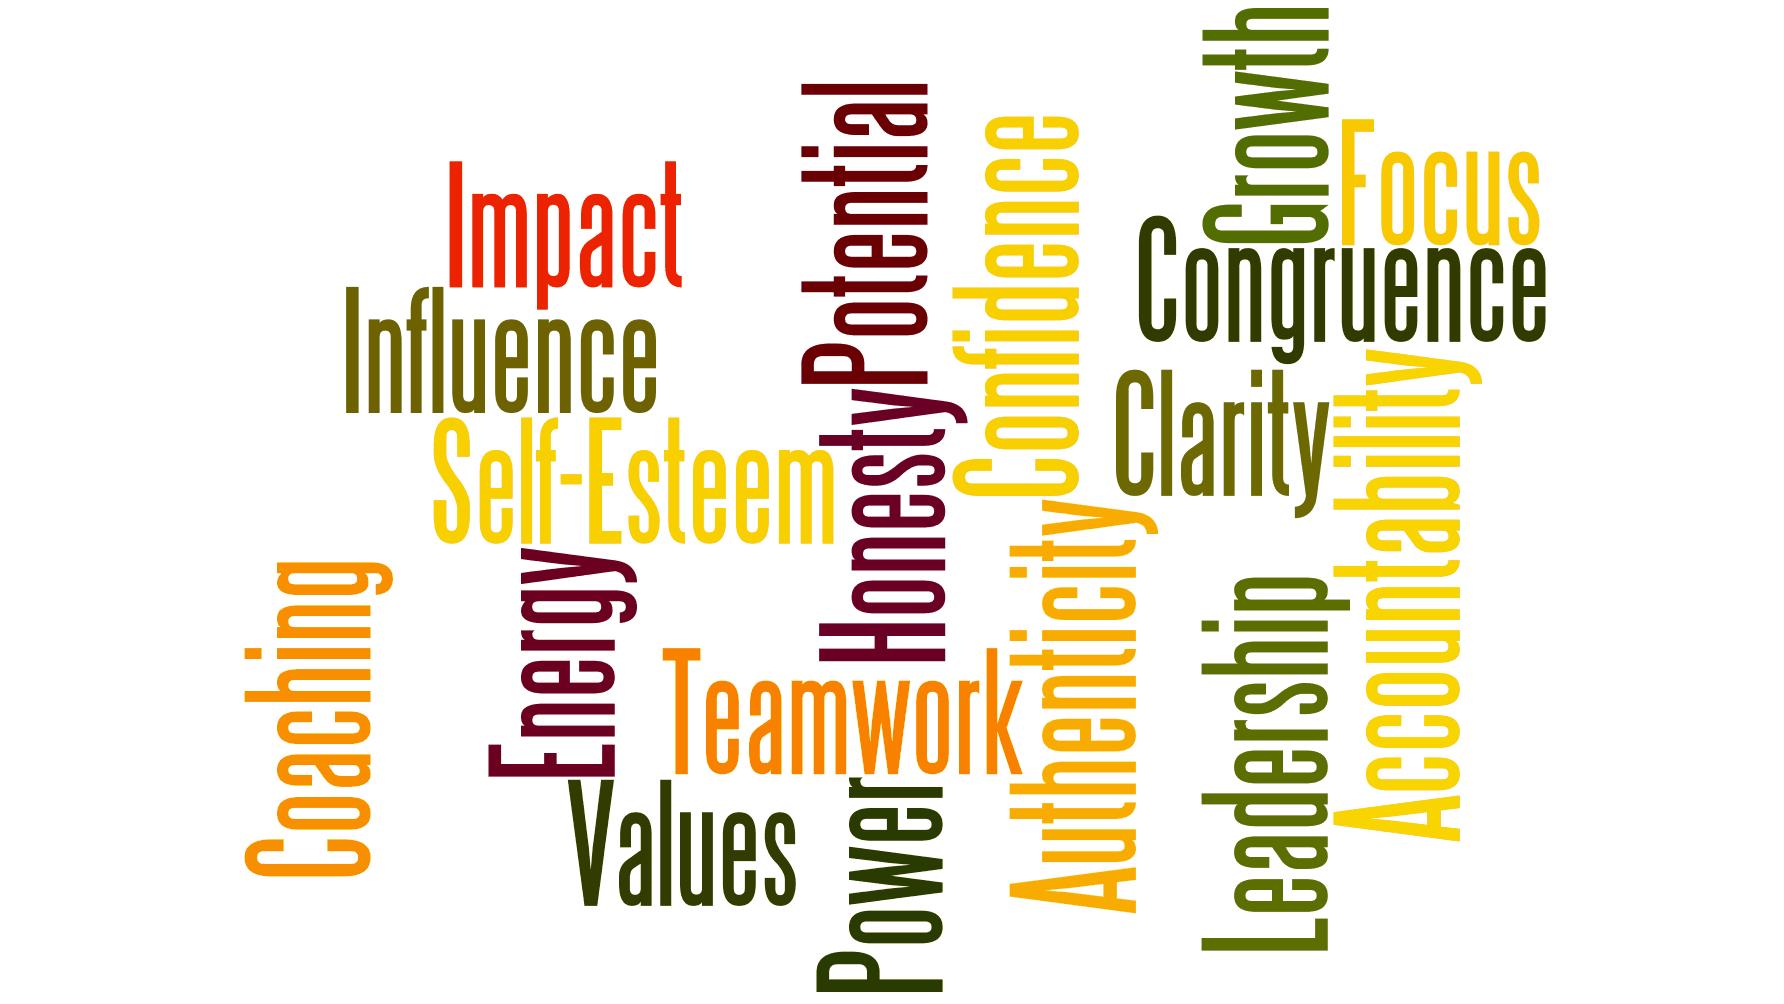 Leadership Wordle - Cara Power Coaching